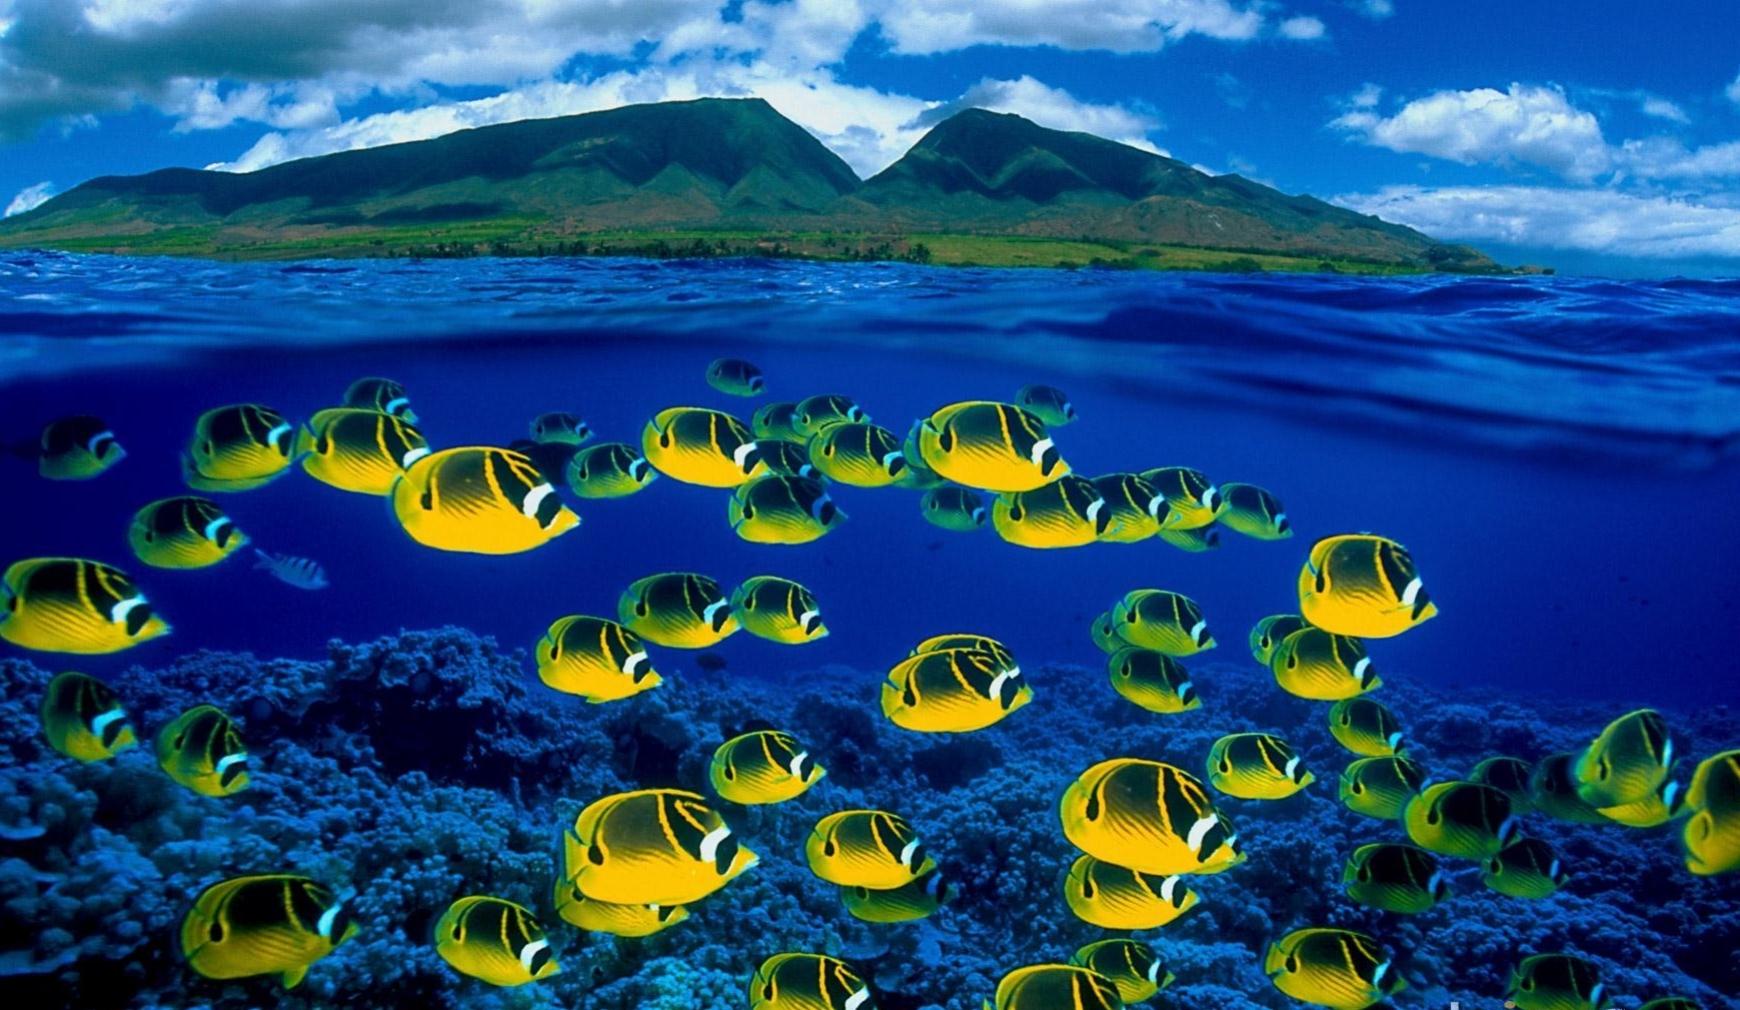 Animal Fish Tropical Underwater Ocean Bokeh Wallpaper